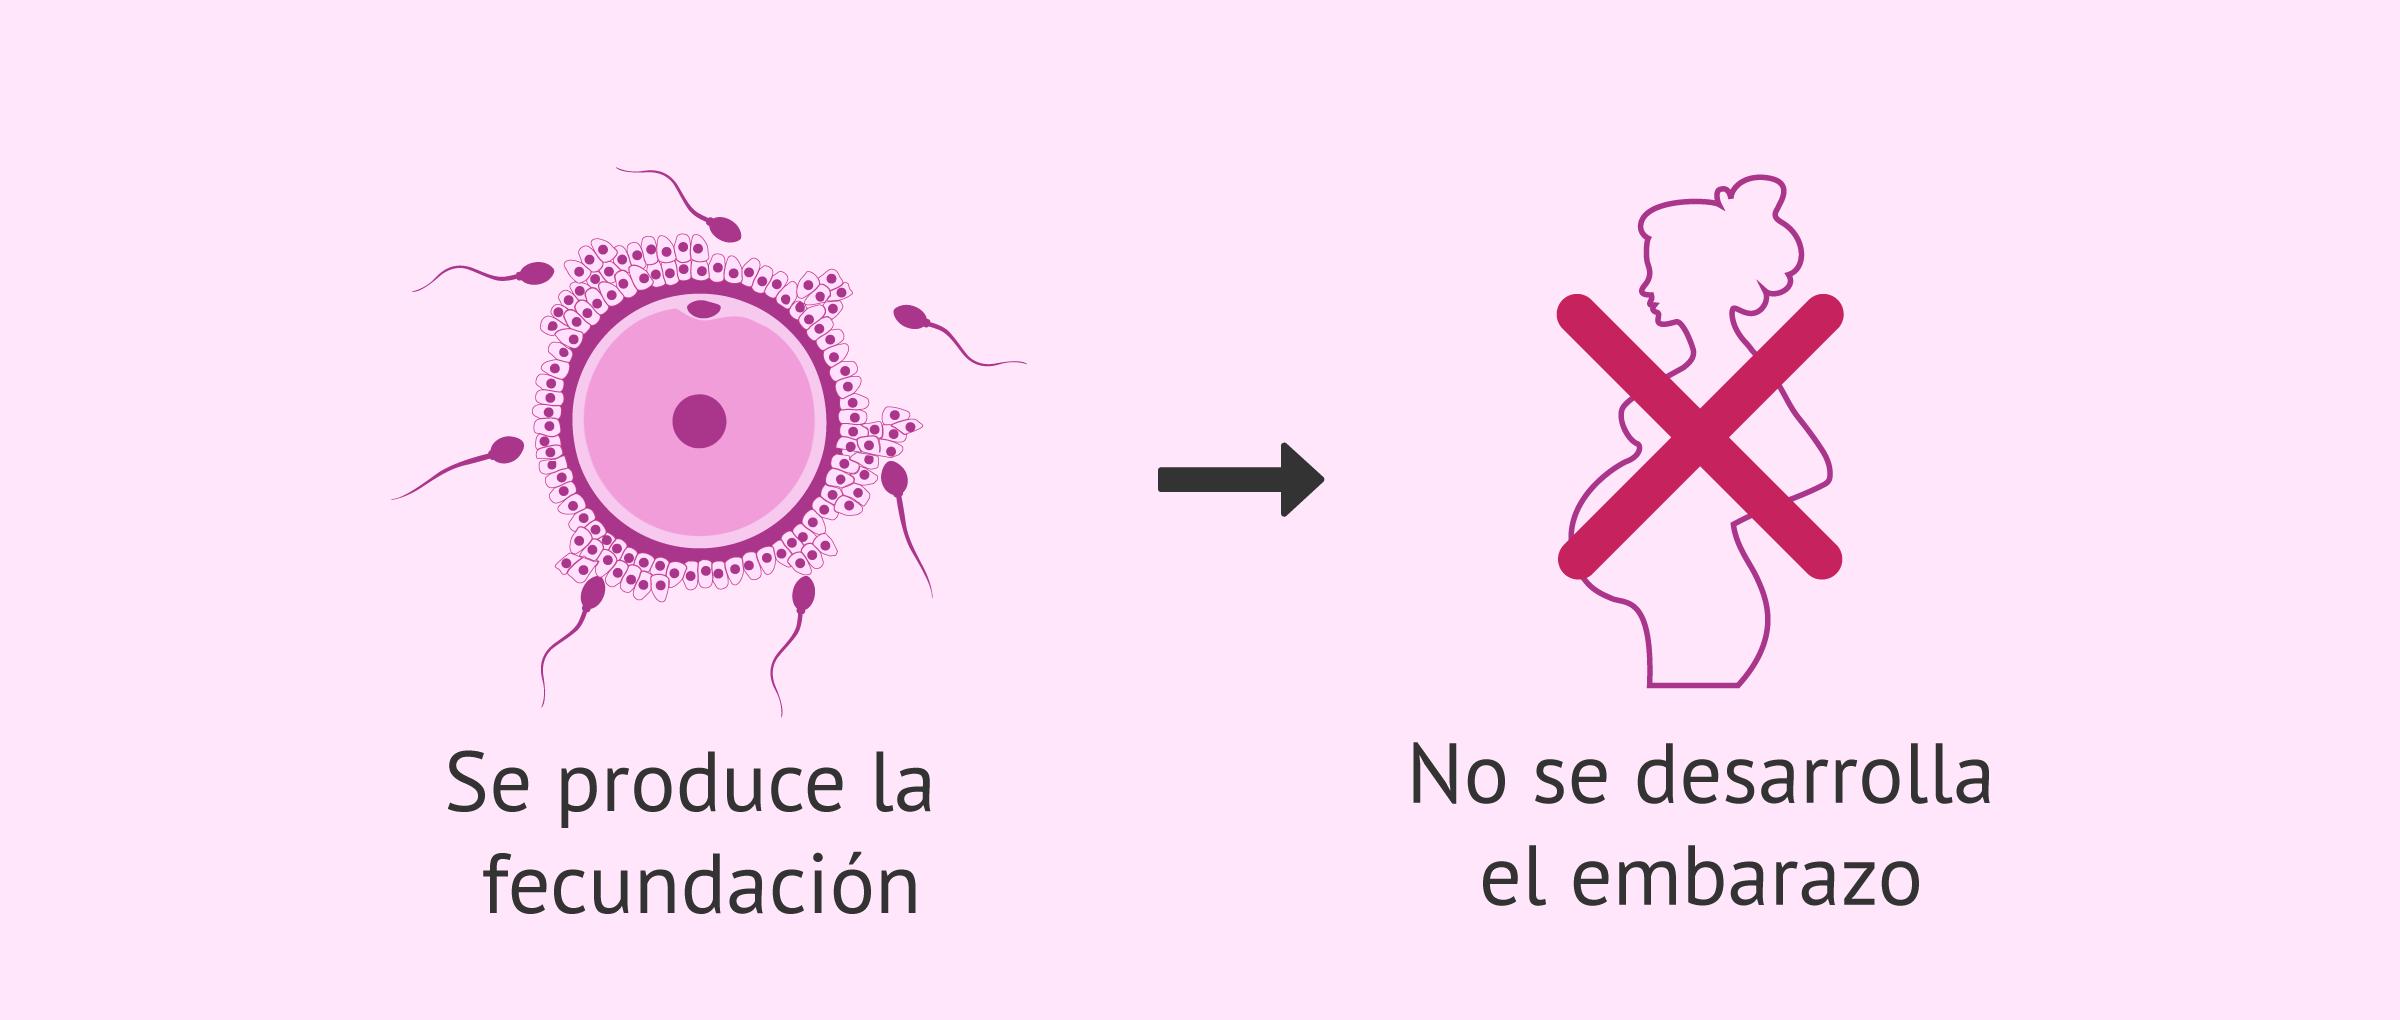 Ilustración de infertilidad